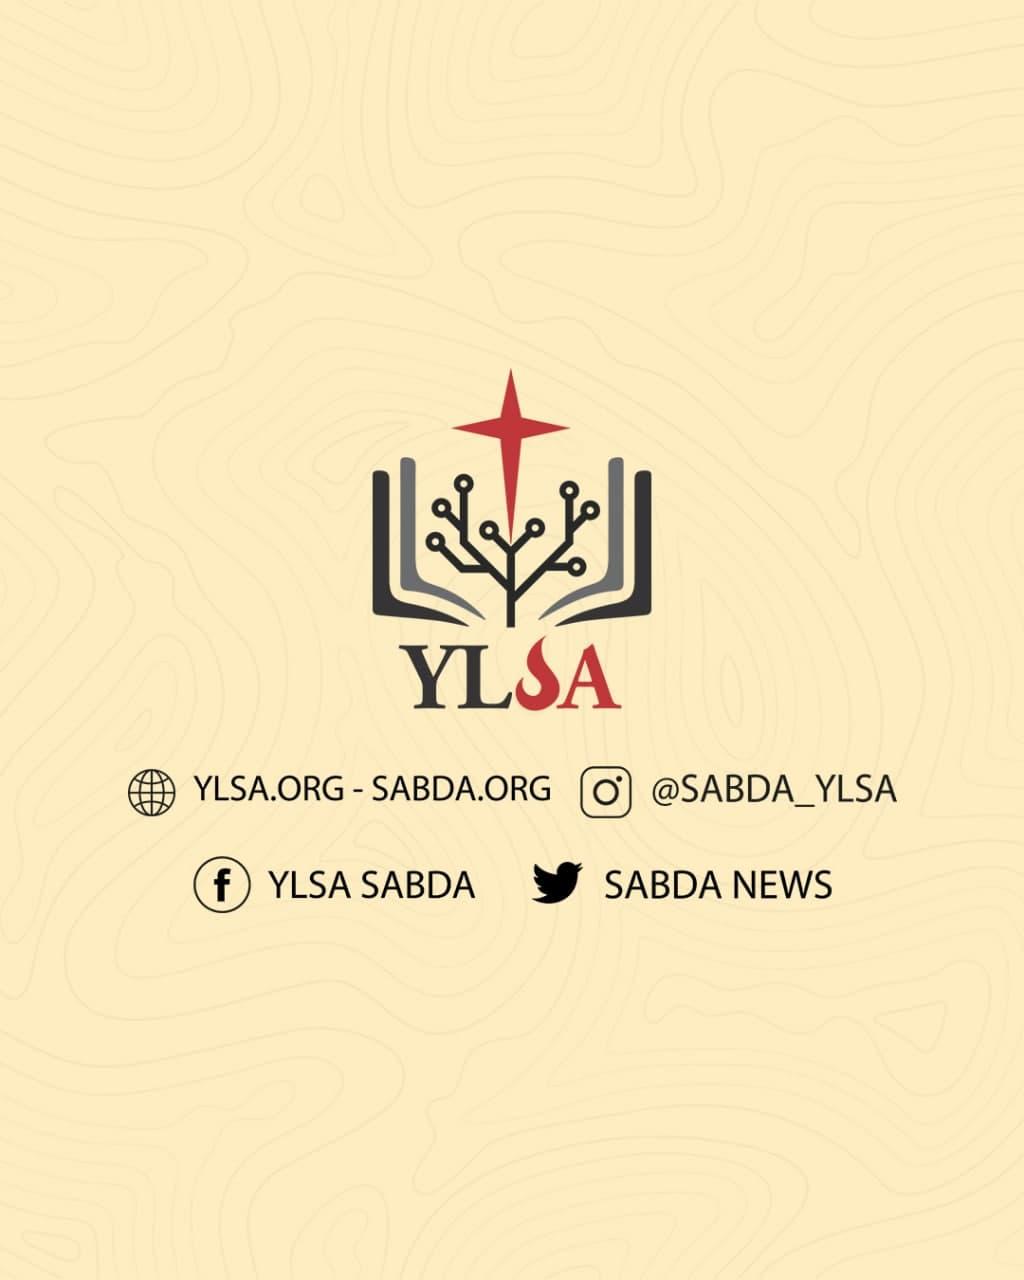 Dapatkan informasi beragam dari pelayanan YLSA dengan bergabung di komunitas YLSA.